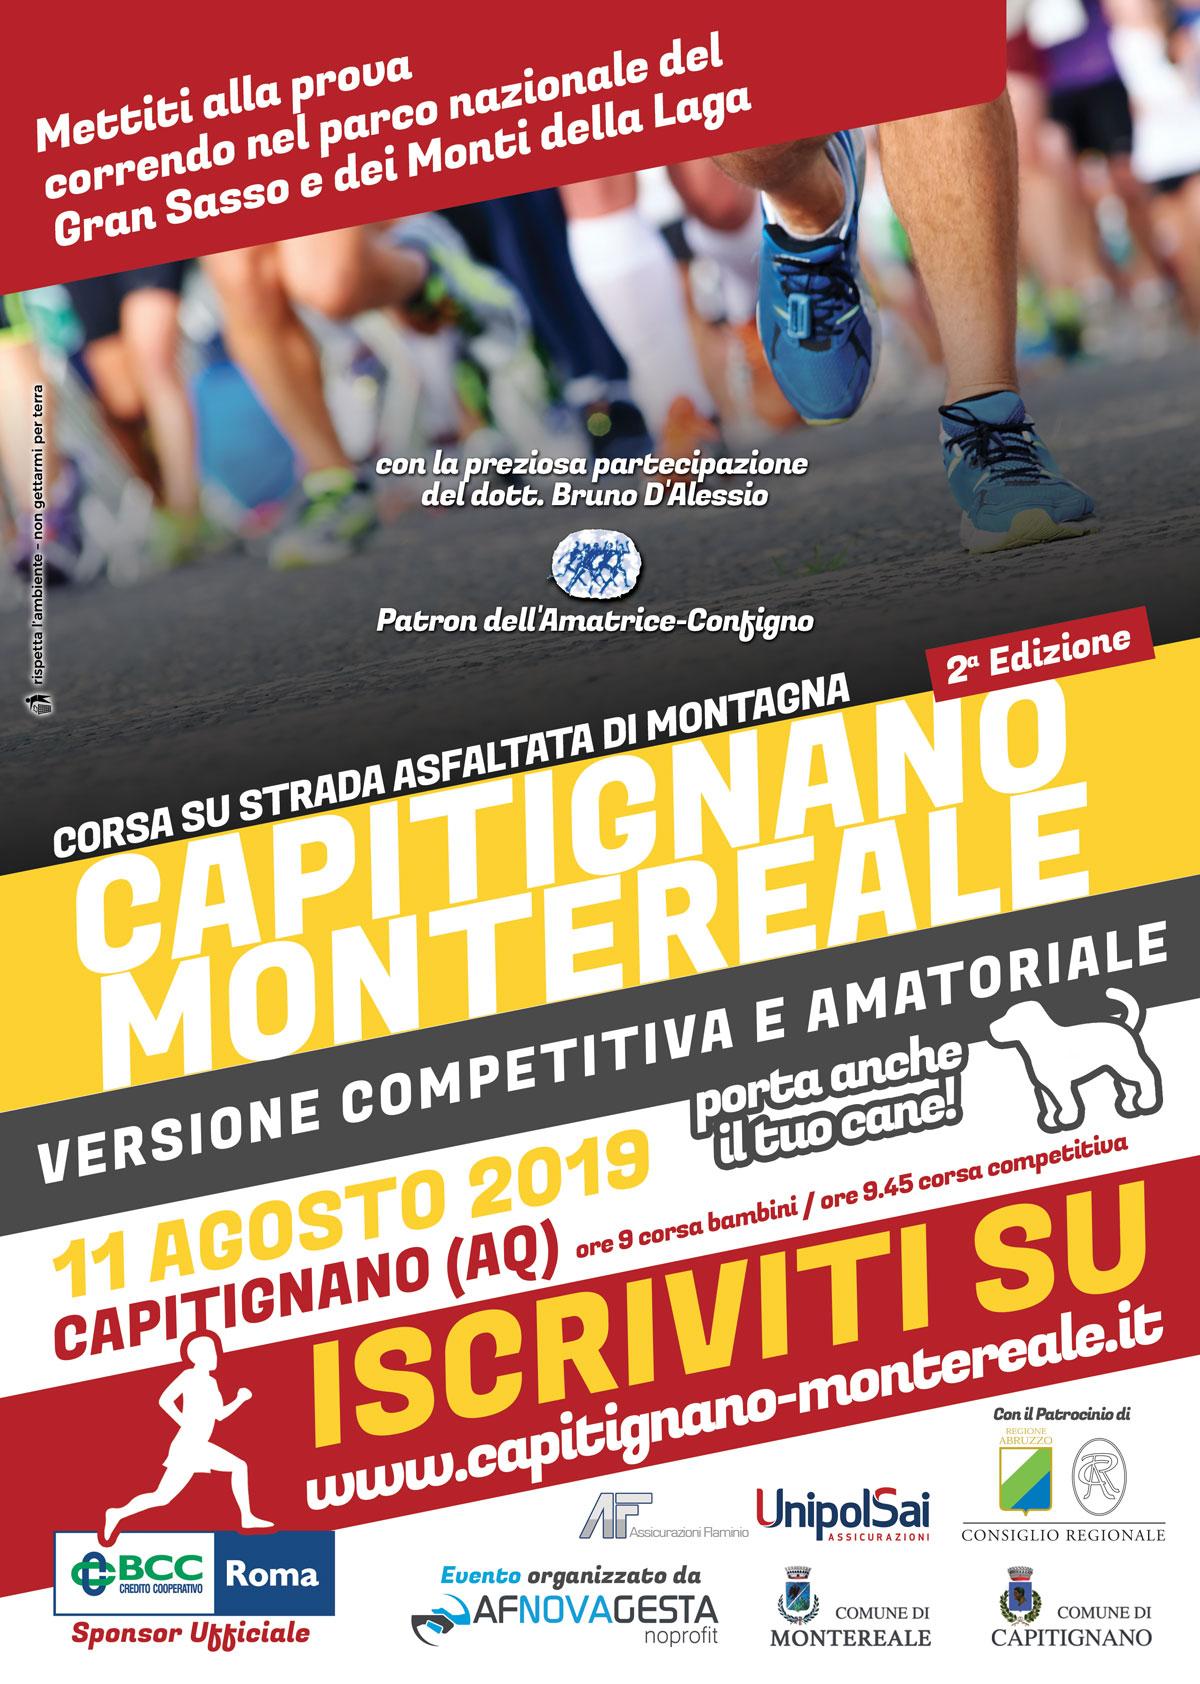 Corsa Capitignano Montereale